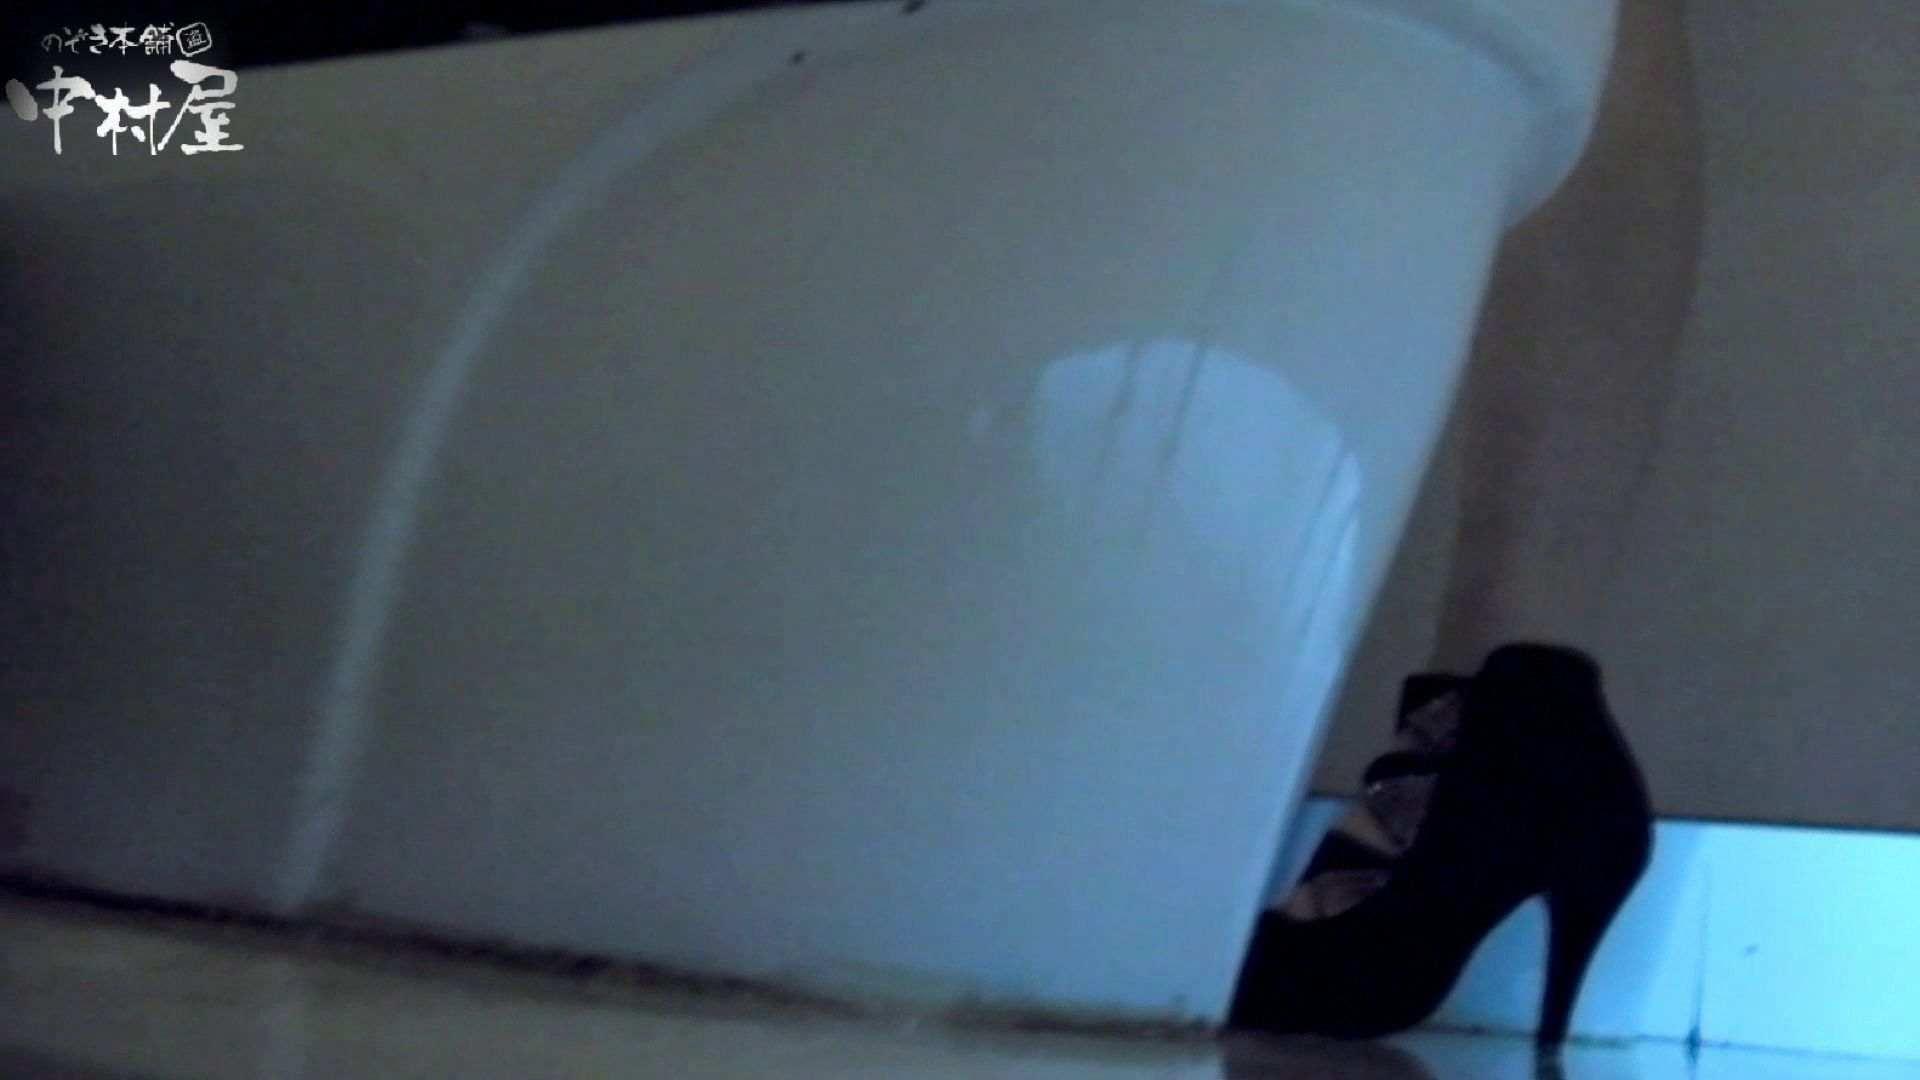 新世界の射窓 No72 モデル級なら個室から飛び出て追っかけます 洗面所  41連発 38